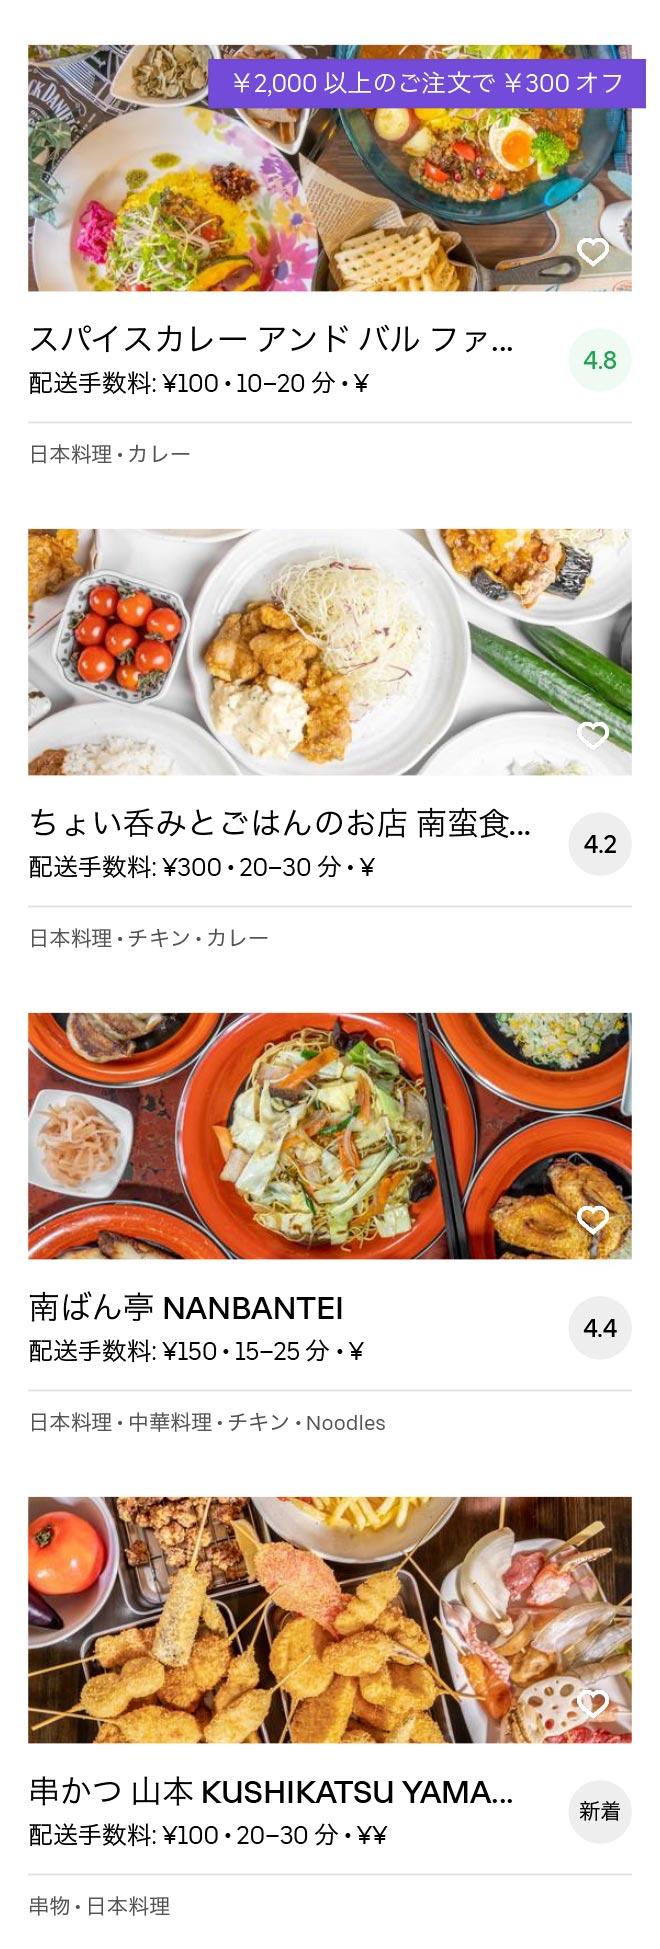 Toyonaka menu 2005 10